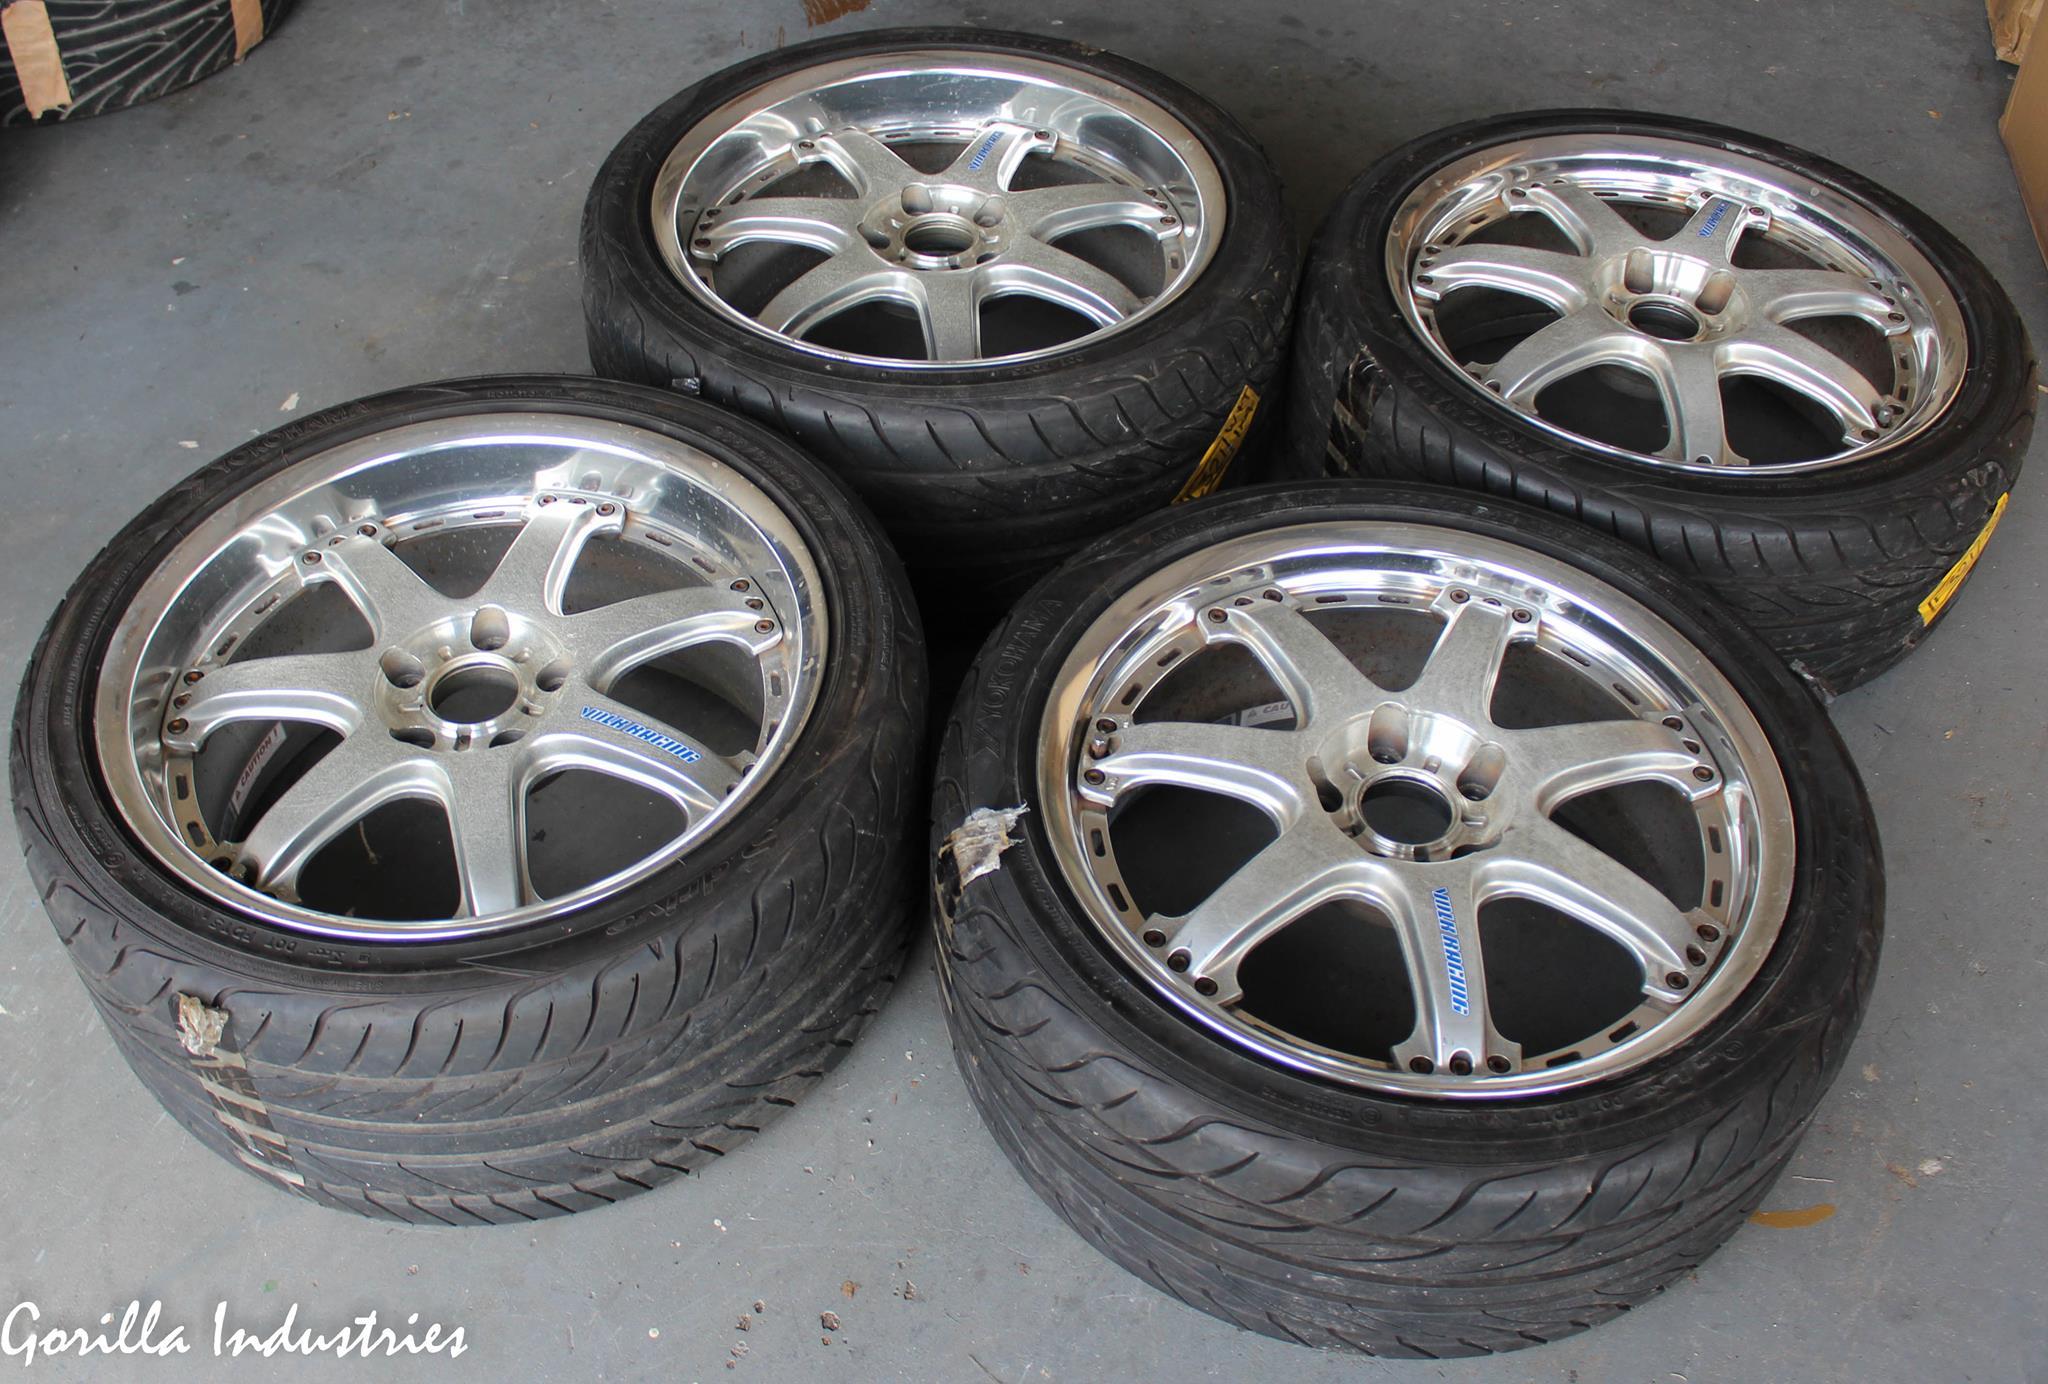 Rays GT-7 18x8 +43 18x9+44 5x114.3